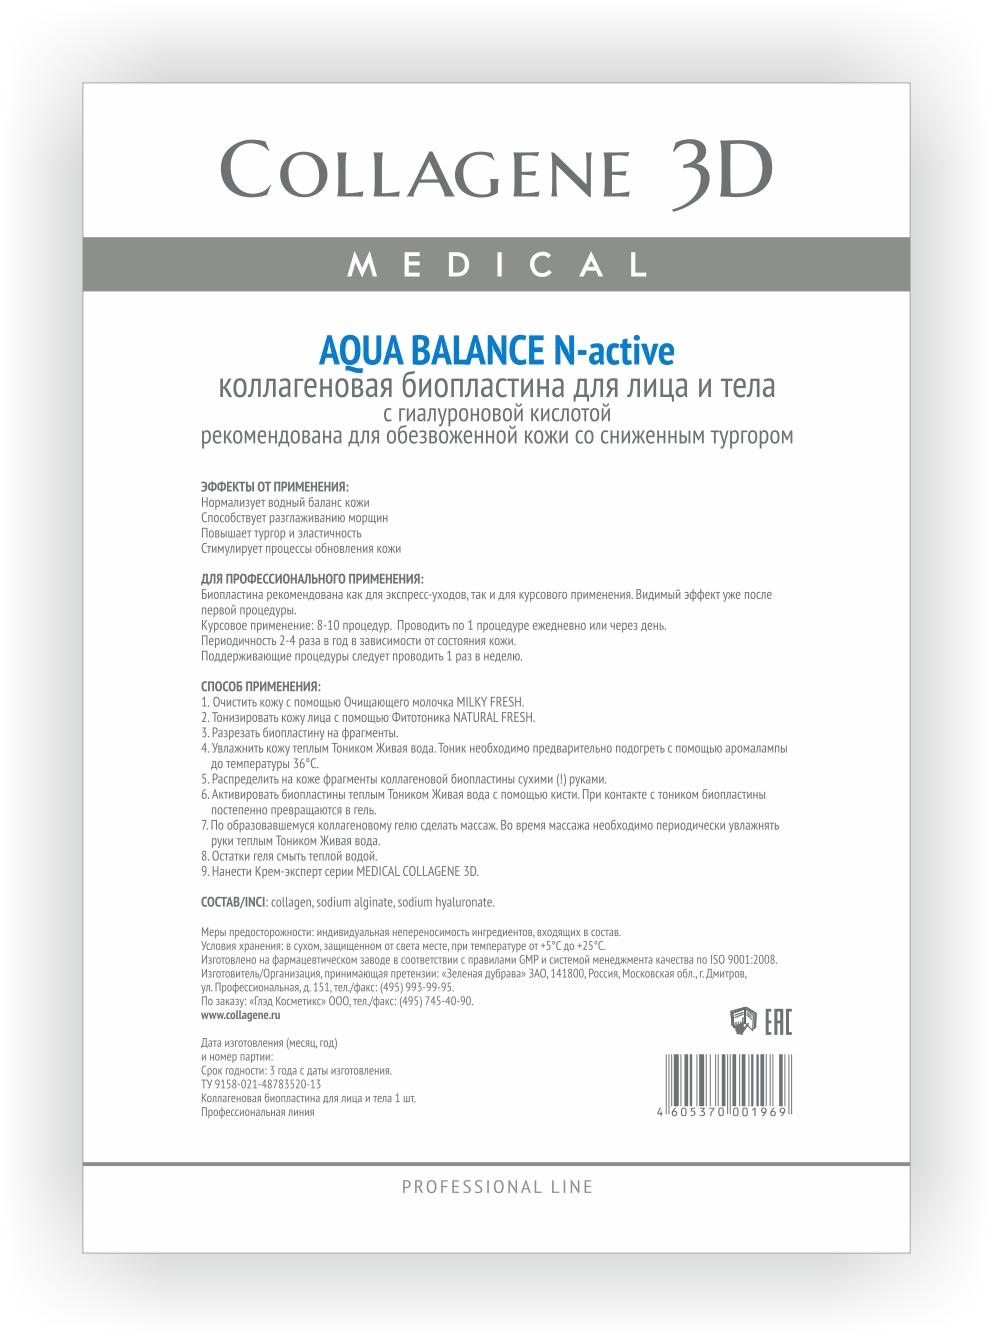 MEDICAL COLLAGENE 3D Биопластины коллагеновые с гиалуроновой кислотой для лица и тела Aqua Balance А4Маски<br>Растворимые биопластины с гиалуроновой кислотой активируются тоником AQUA VITA и подходят для ухода с применением массажных техник. Гиалуроновая кислота способствует нормализации водного баланса кожи, разглаживает морщины изнутри, а нативный трехспиральный коллаген дополняет уход, обеспечивая омолаживающий эффект. Для тщательной проработки параорбитальной области можно применять биопластины в форме патчей под глаза. Активные ингредиенты: нативный трехспиральный коллаген, гиалуроновая кислота. Способ применения: разрезать биопластину на фрагменты. Очистить и протонизировать предполагаемую область нанесения, увлажнить кожу теплым тоником-активатором AQUA VITA. Тоник необходимо предварительно подогреть с помощью аромалампы до температуры 36 С. Сухими руками распределить на коже фрагменты биопластины, активировать теплым тоником-активатором AQUAVITA с помощью кисти. При контакте с тоником биопластины постепенно превращаются в гель. По образовавшемуся коллагеновому гелю сделать массаж, периодически увлажняя руки теплым тоником-активатором AQUA VITA. Остатки геля смыть теплой водой. Приступить к следующим этапам процедуры ухода.<br><br>Вид средства для лица: Омолаживающий<br>Назначение: Морщины